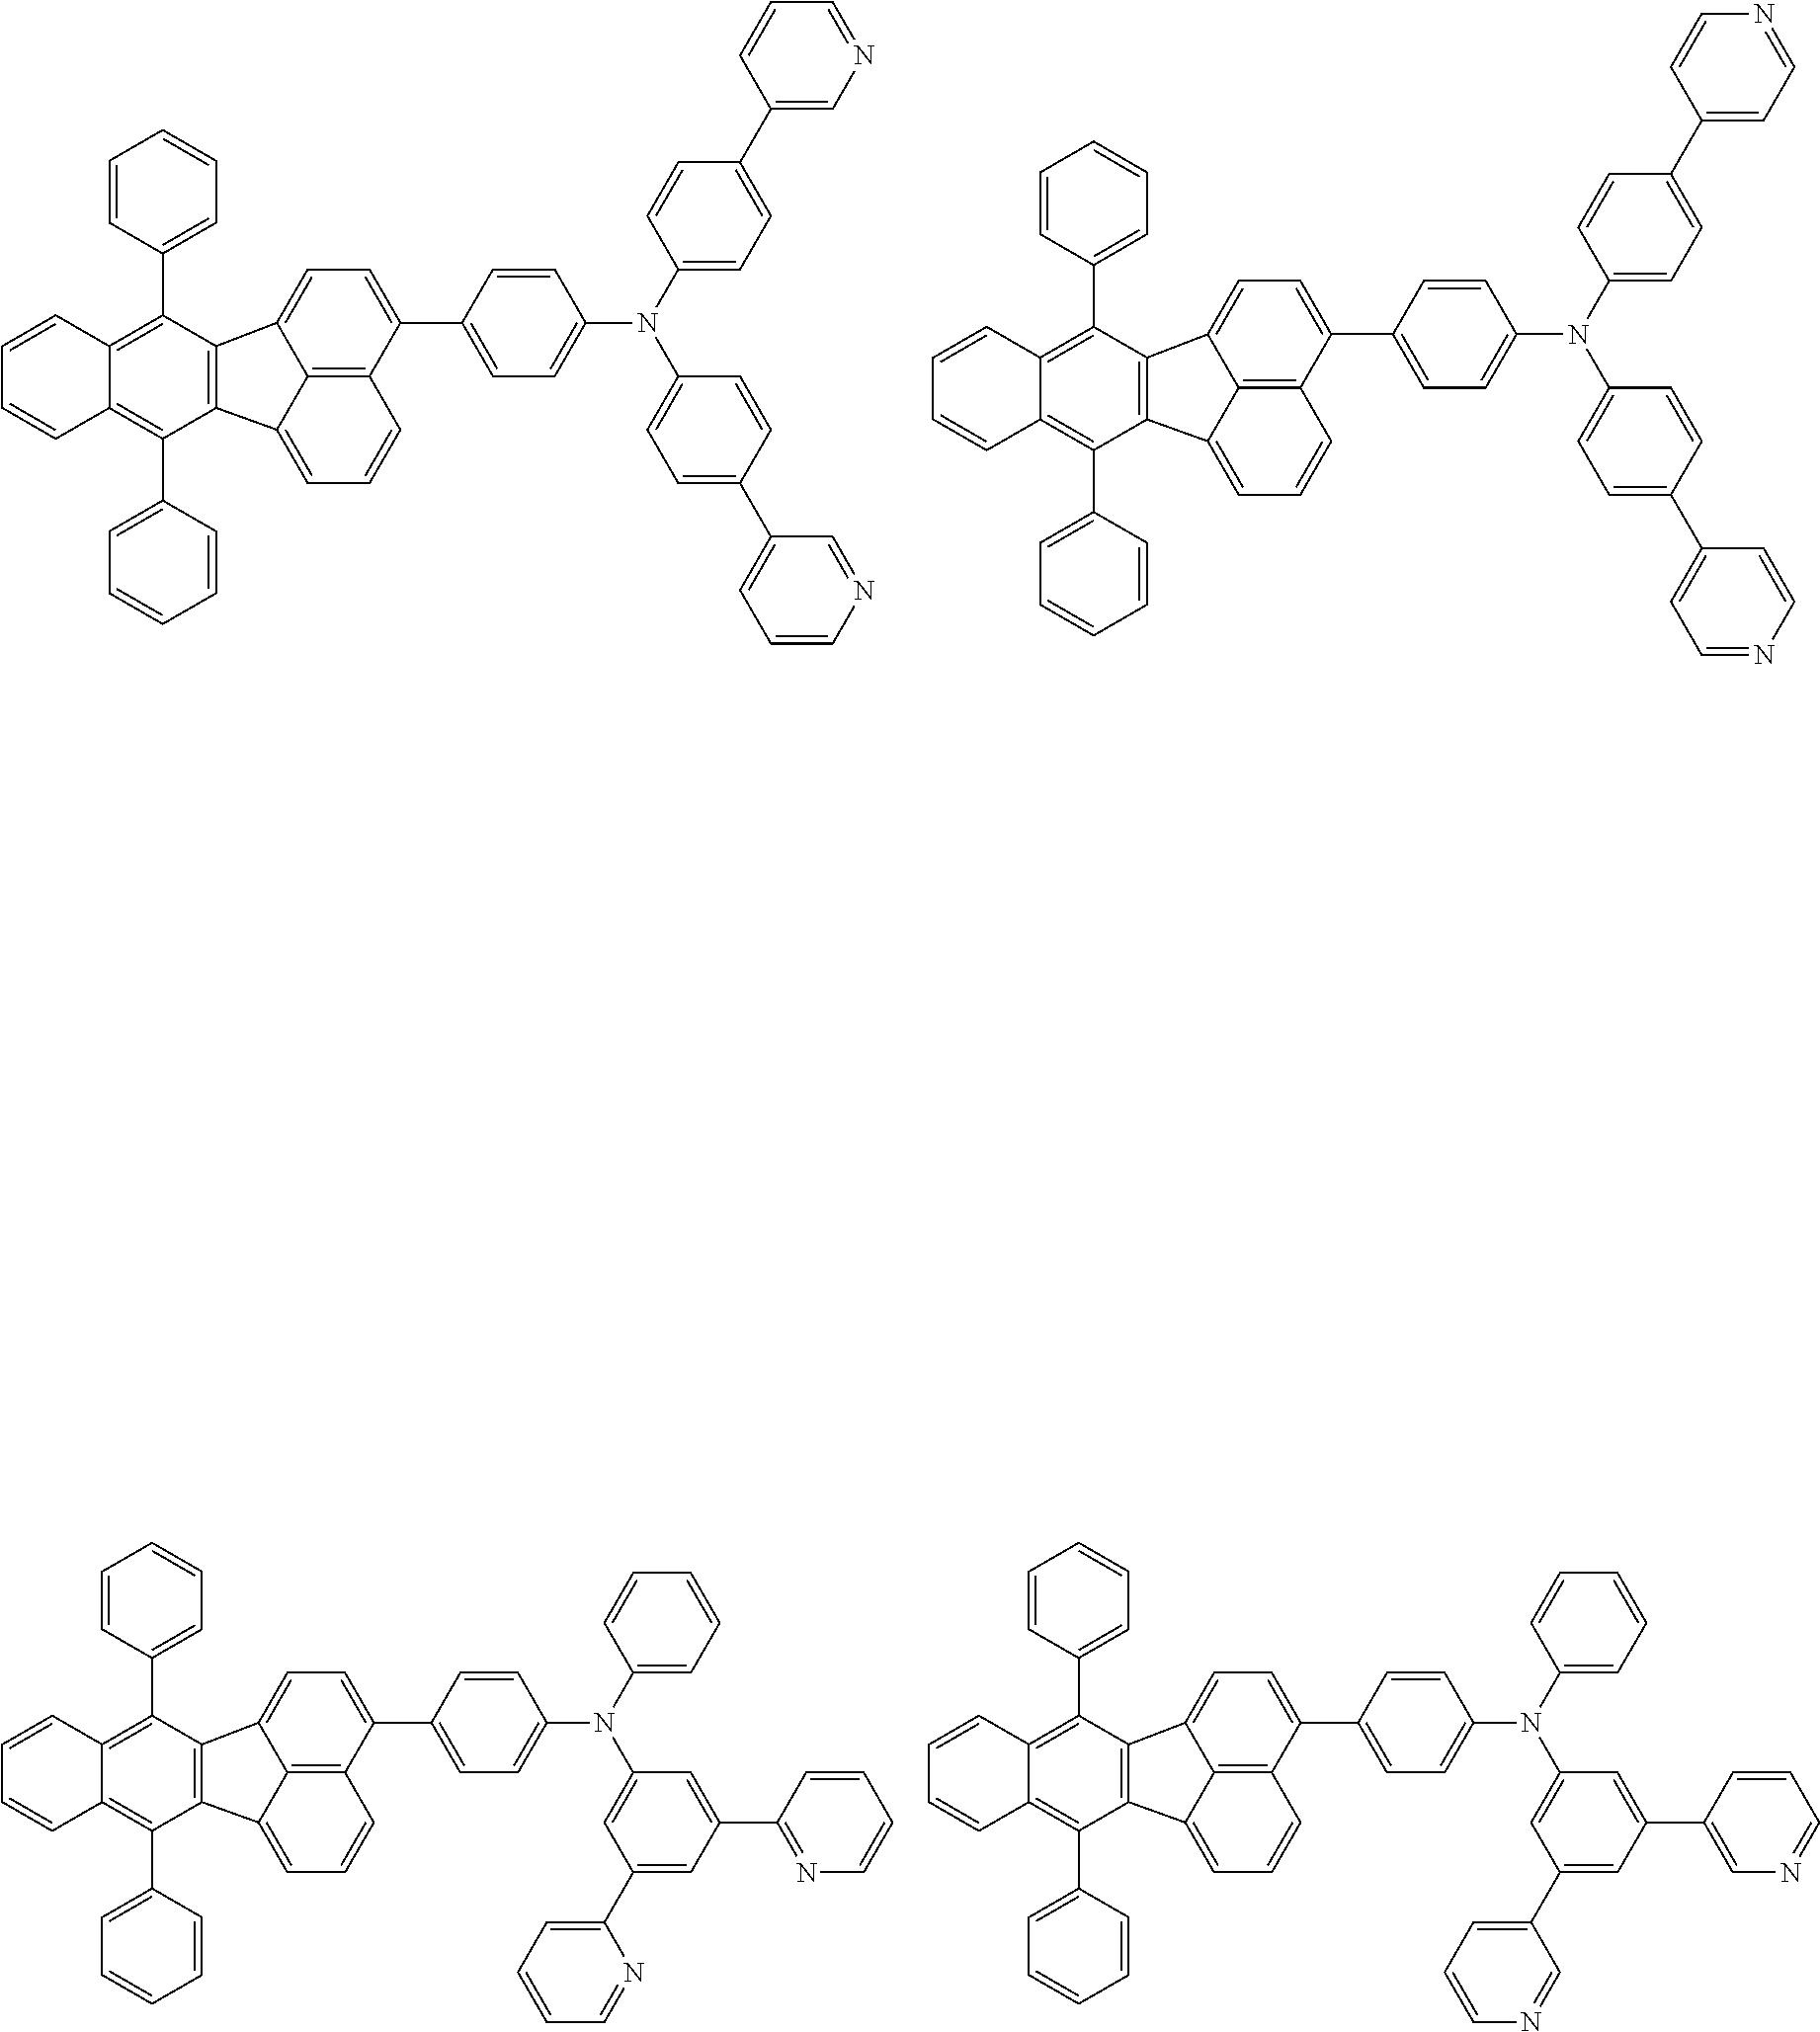 Figure US20150280139A1-20151001-C00060